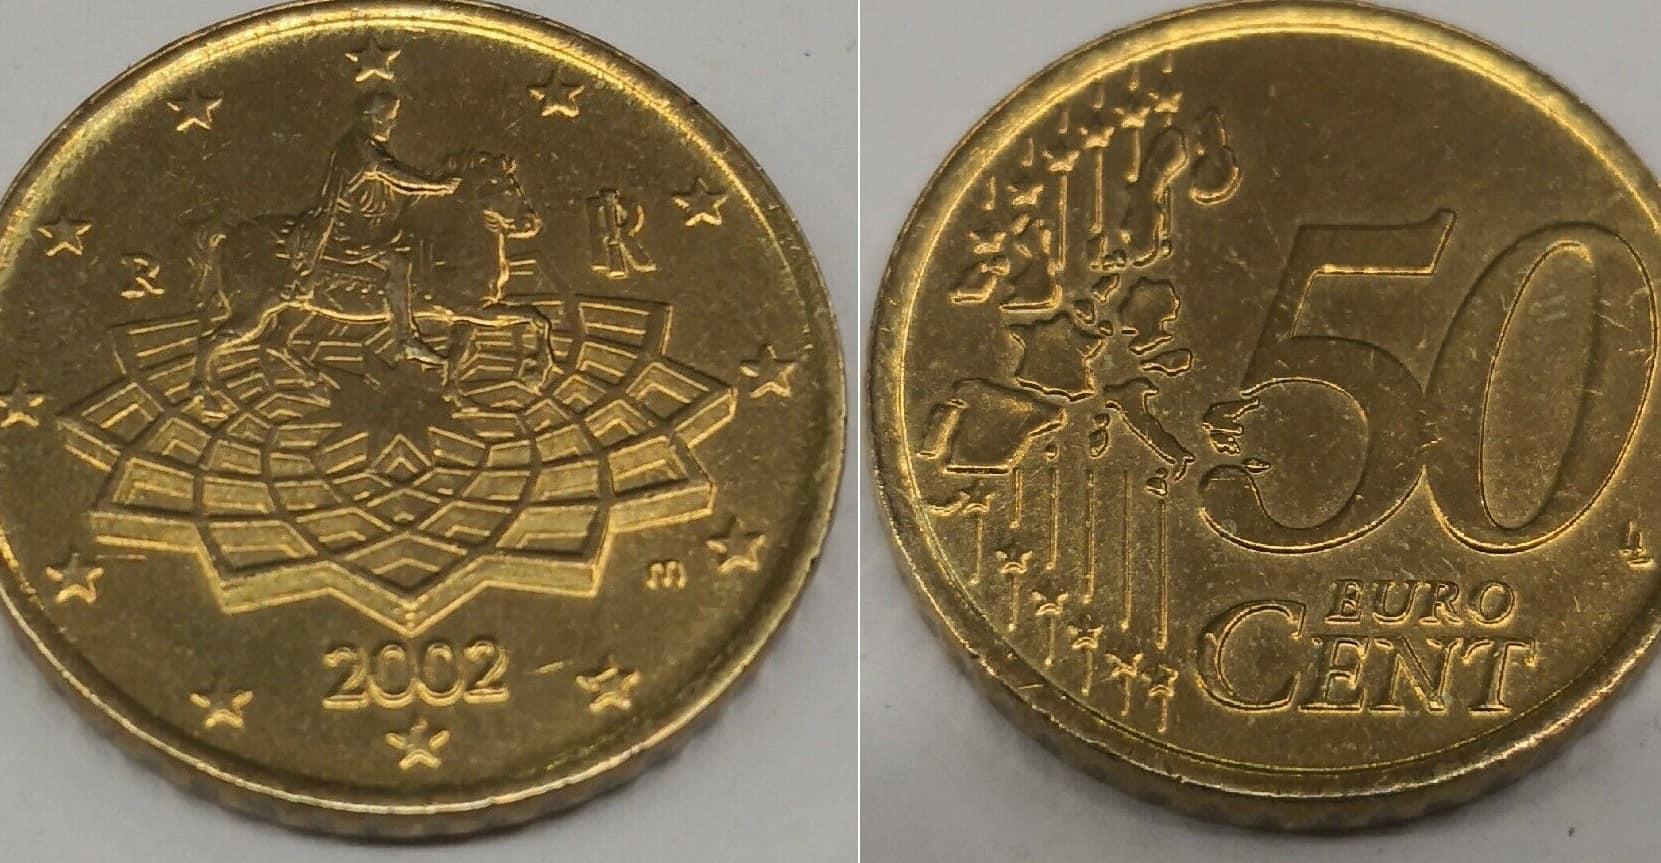 Moneta del 2002